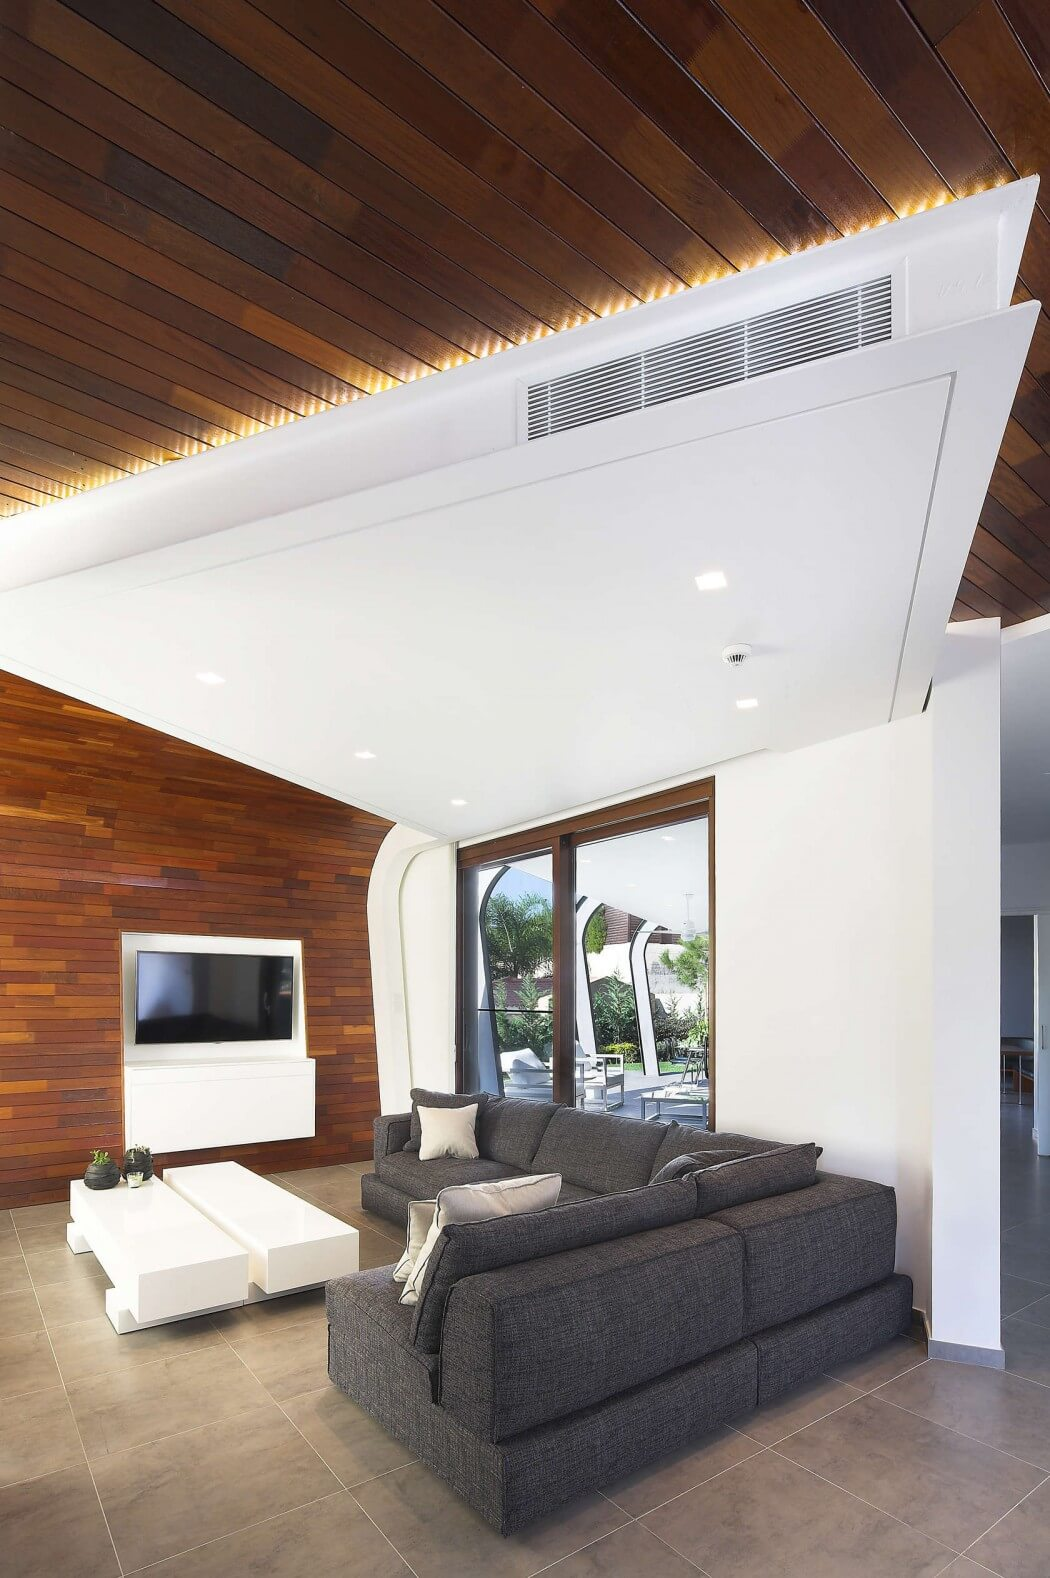 خانه Z ؛ الگویی از عناصر سازه ای در طراحی معماری